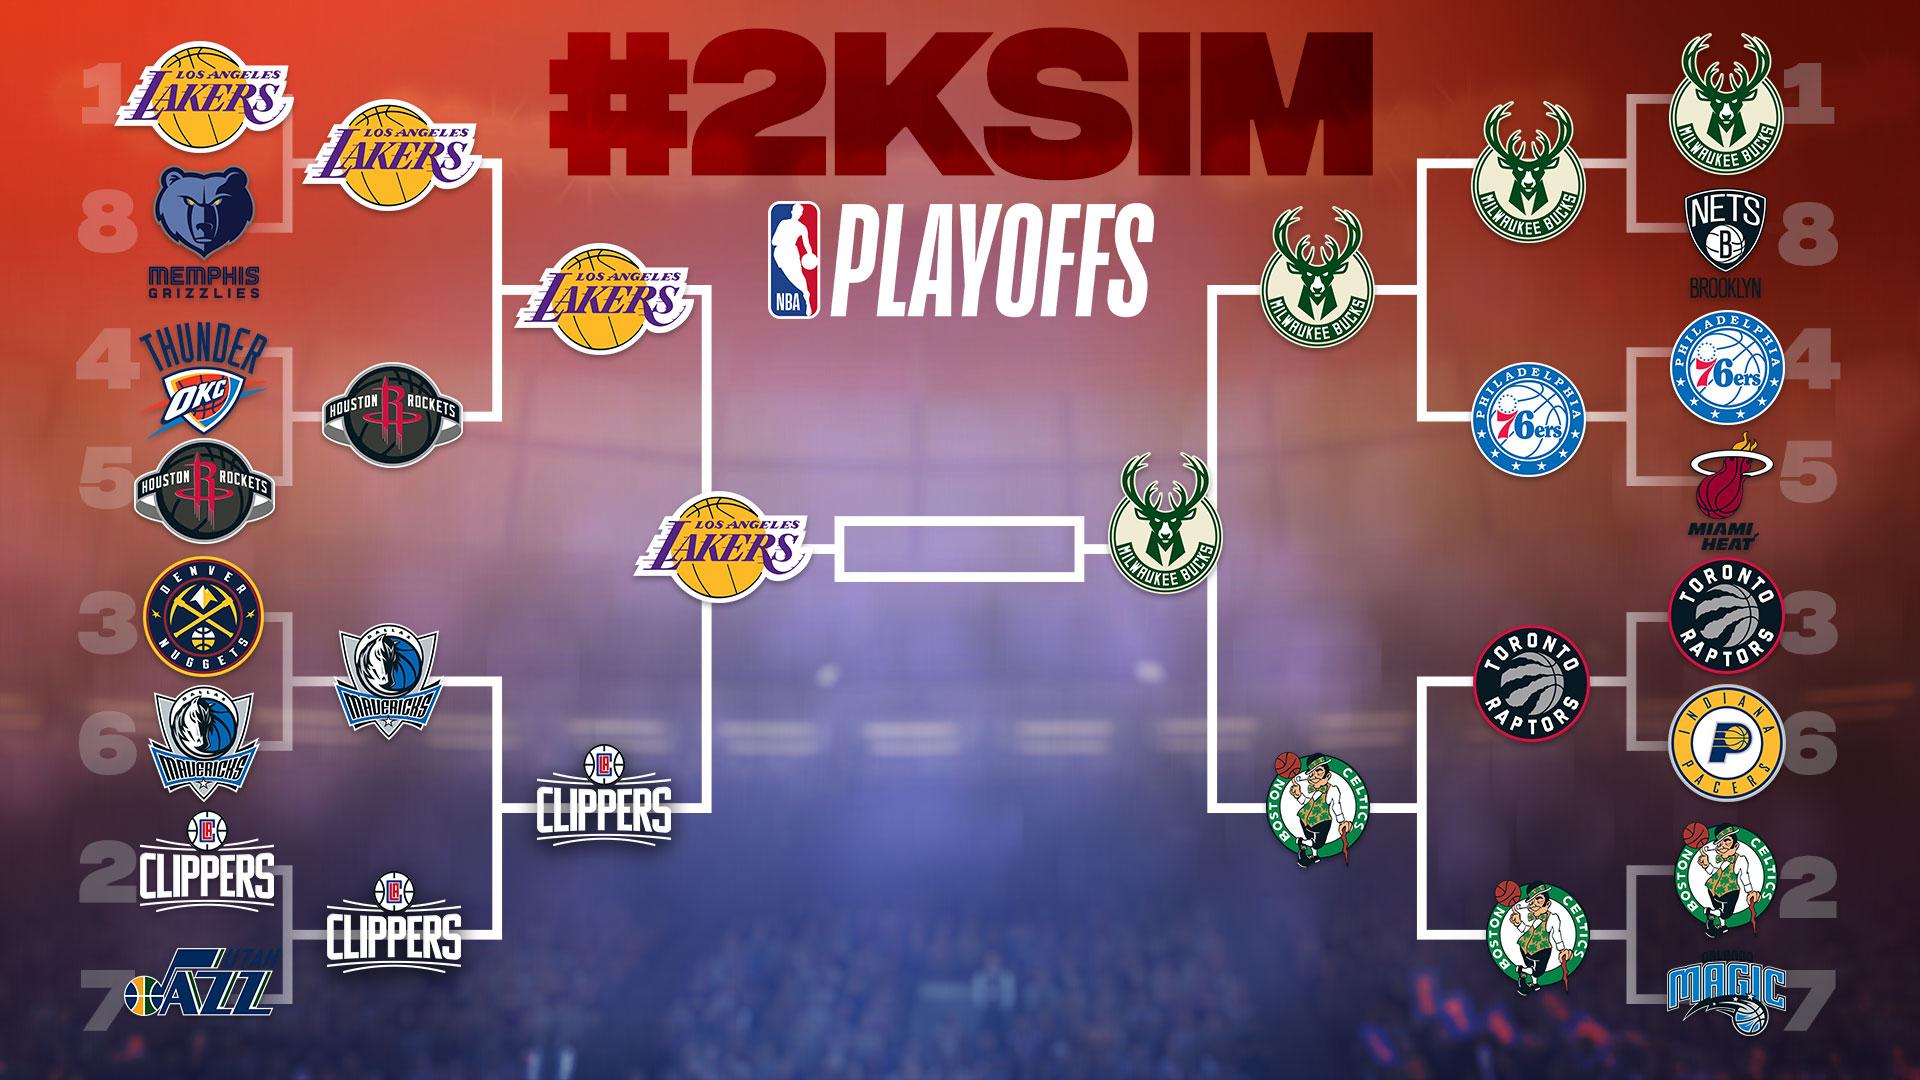 NBA 2K20 #2KSIM Playoffs